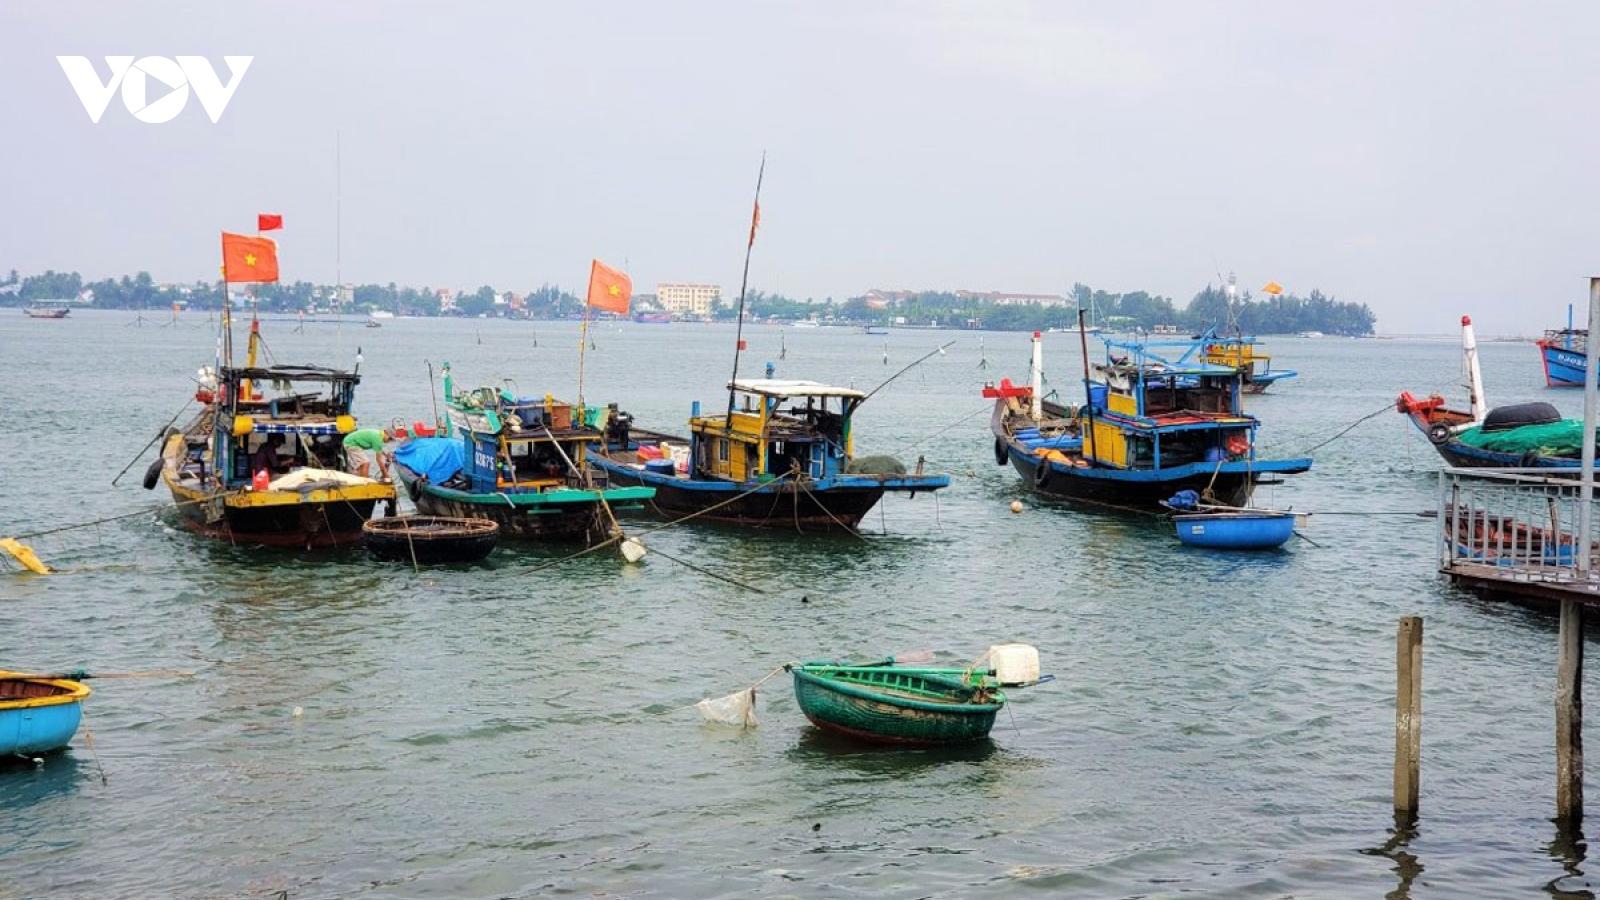 Tìm kiếm 2 người mất tích ở khu vực sông Thu Bồn